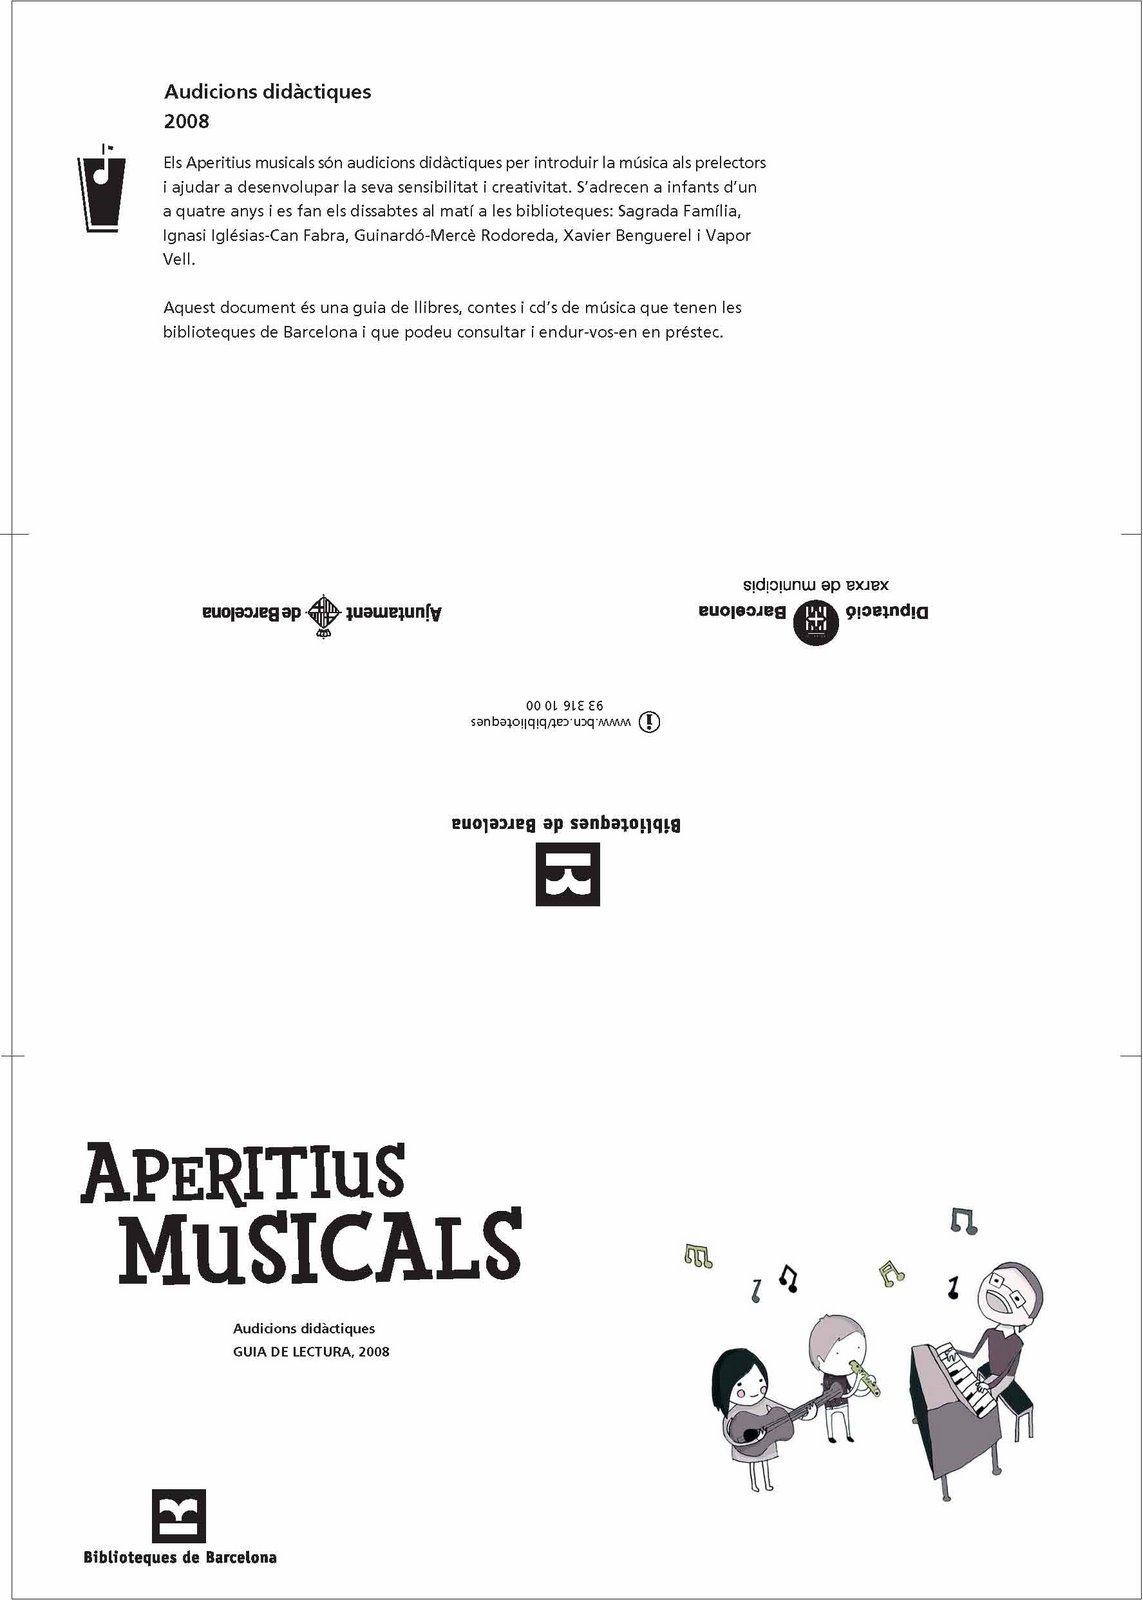 [Guia+ap.musicals+08_PÃ]